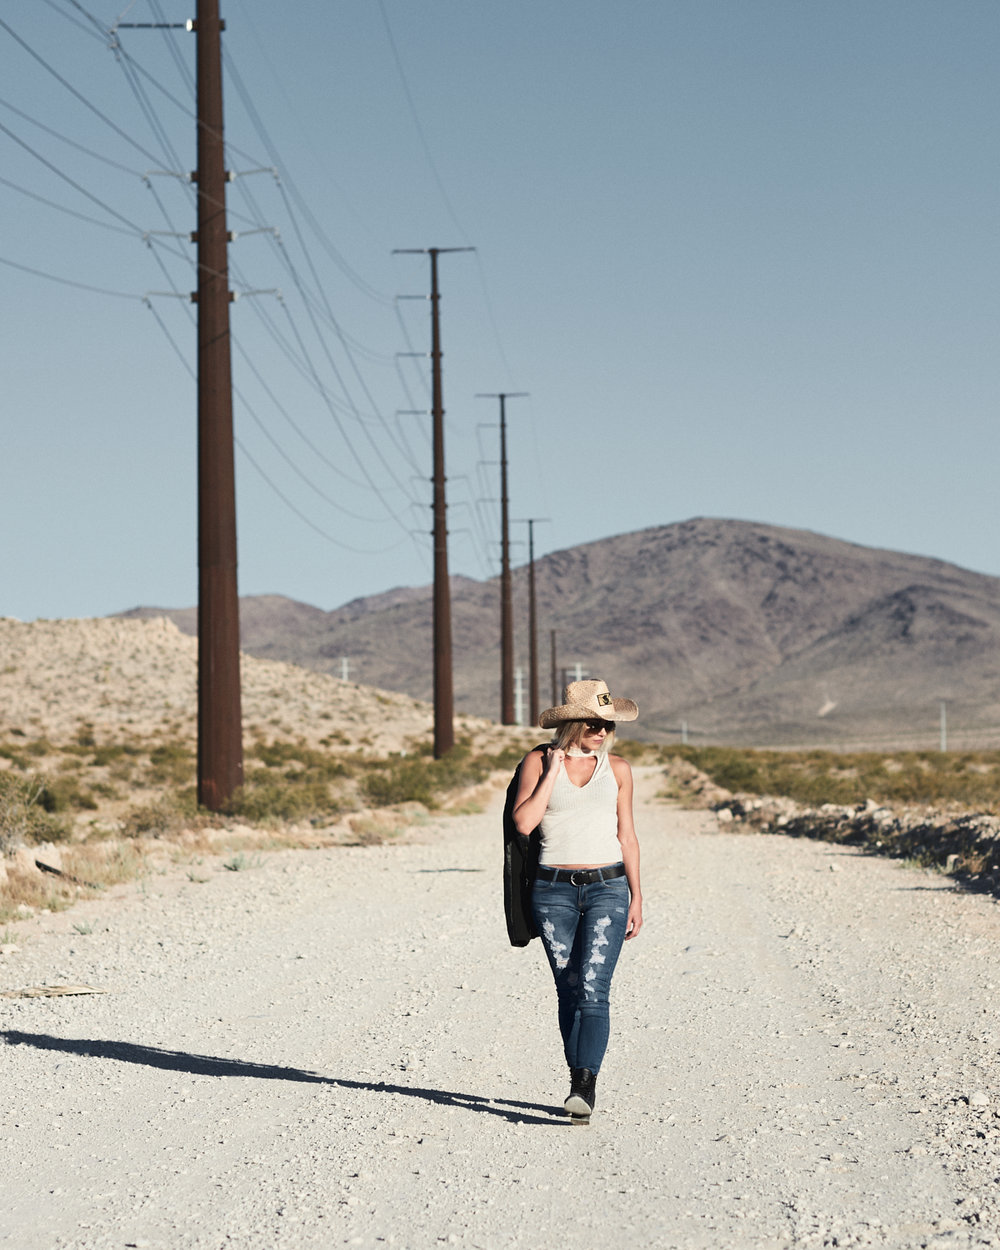 Jonna Las Vegas 010.jpg